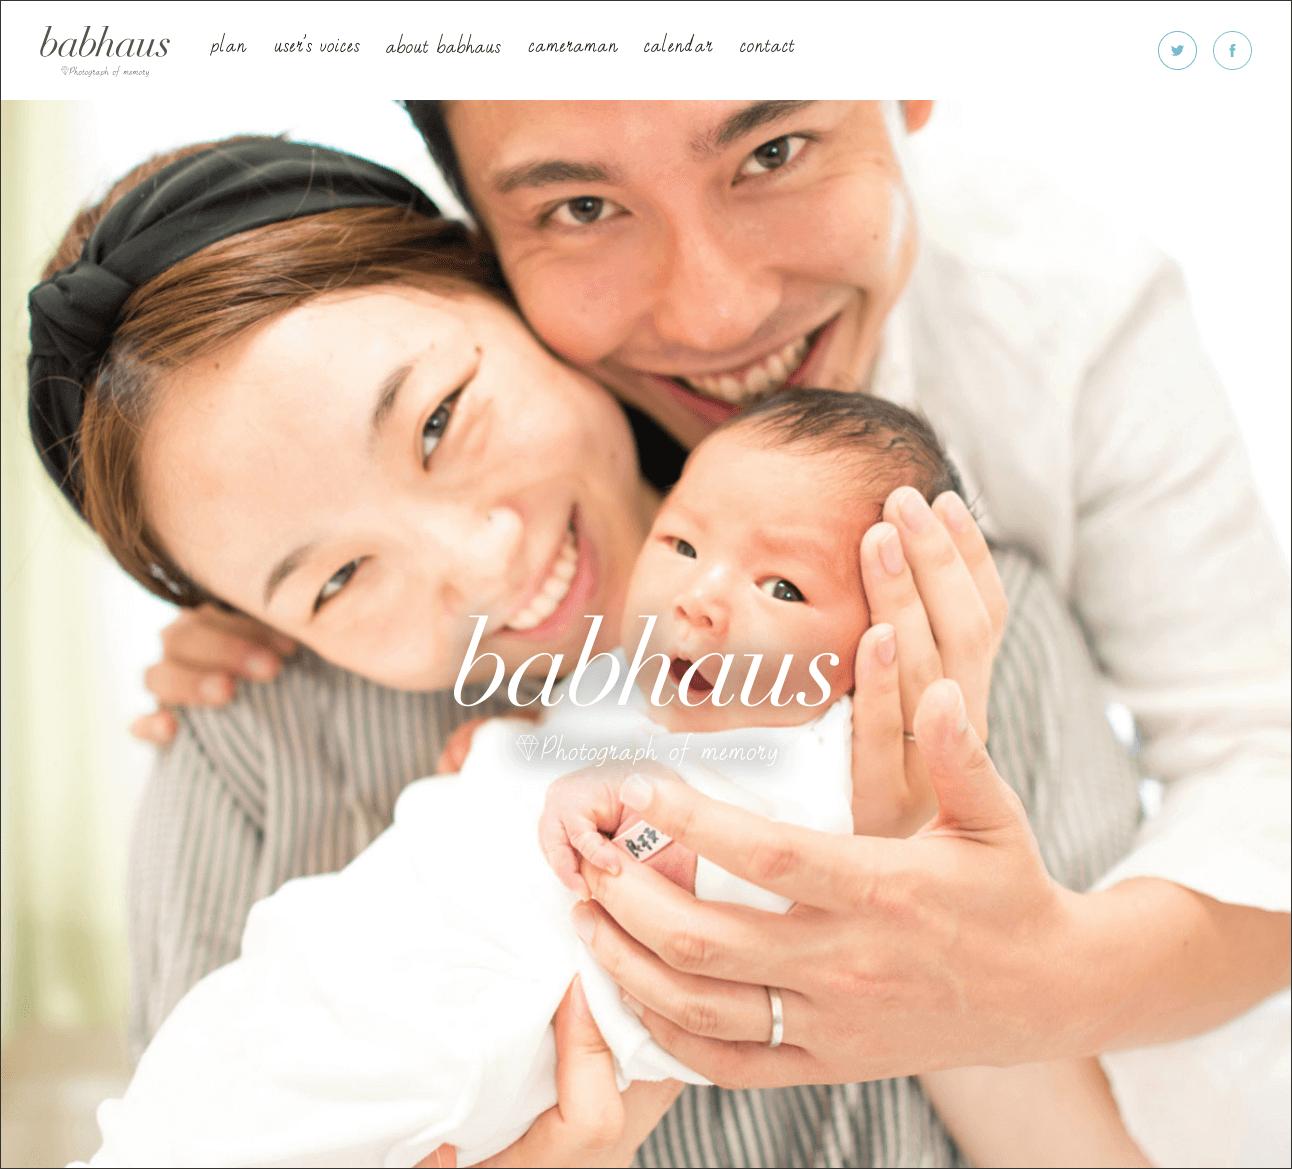 babhaus  ウェブサイト制作